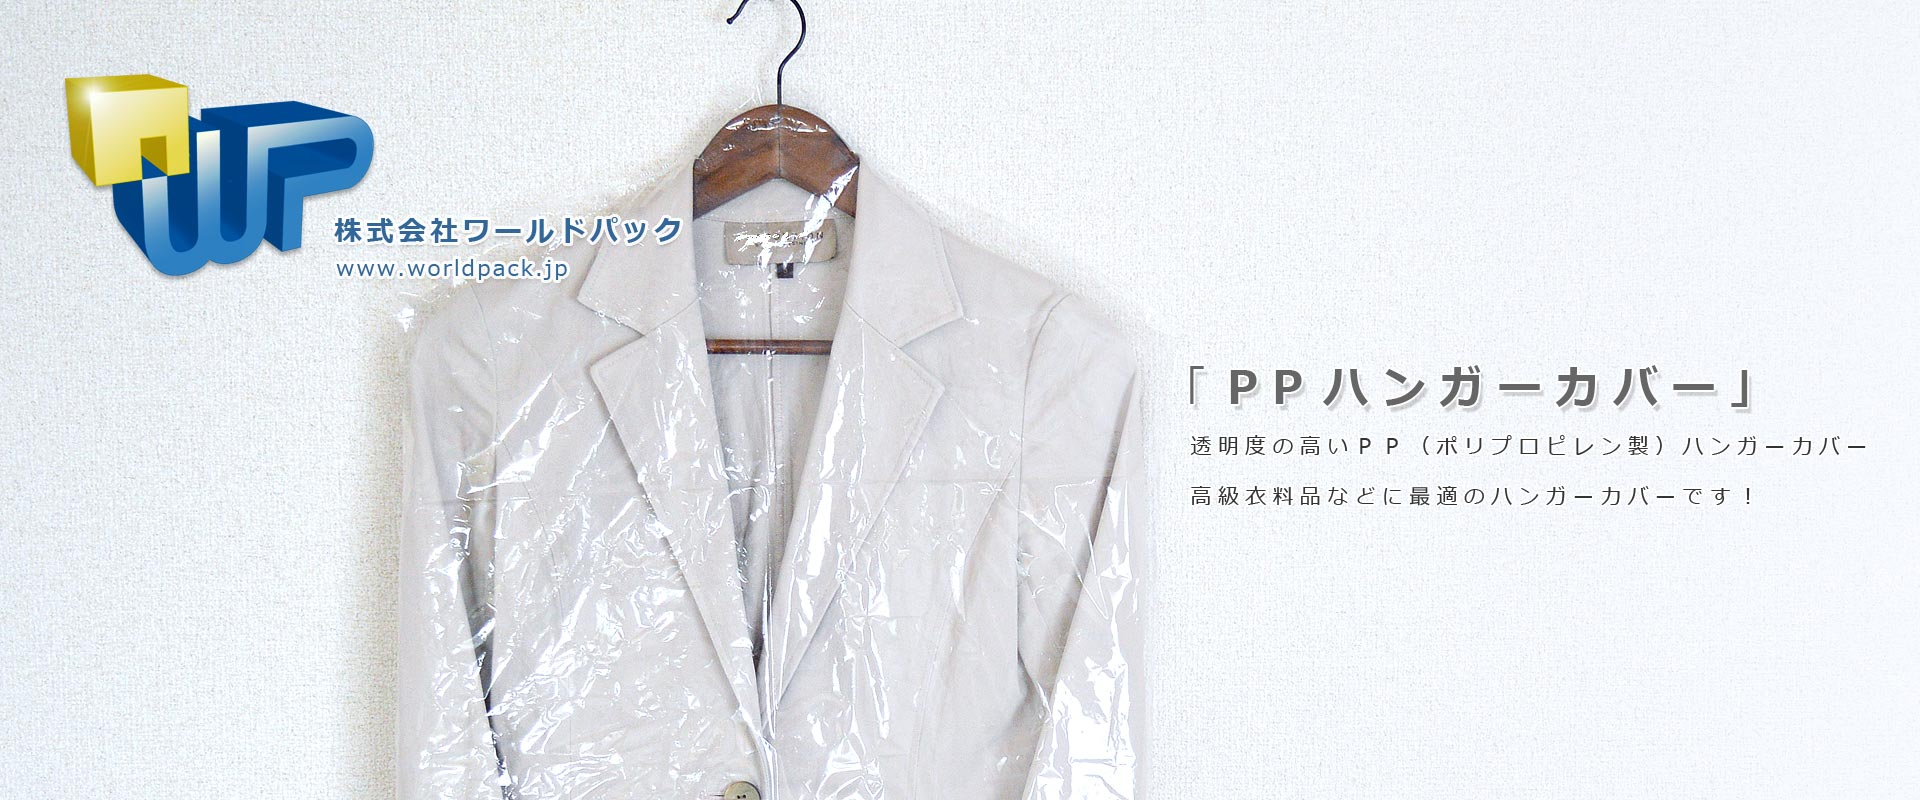 ハンガーカバー 透明度の高いPP(ポリプロピレン制) 各種取り扱い 小ロット販売 株式会社ワールドパック 東京、神奈川、埼玉、千葉、茨城、群馬、栃木